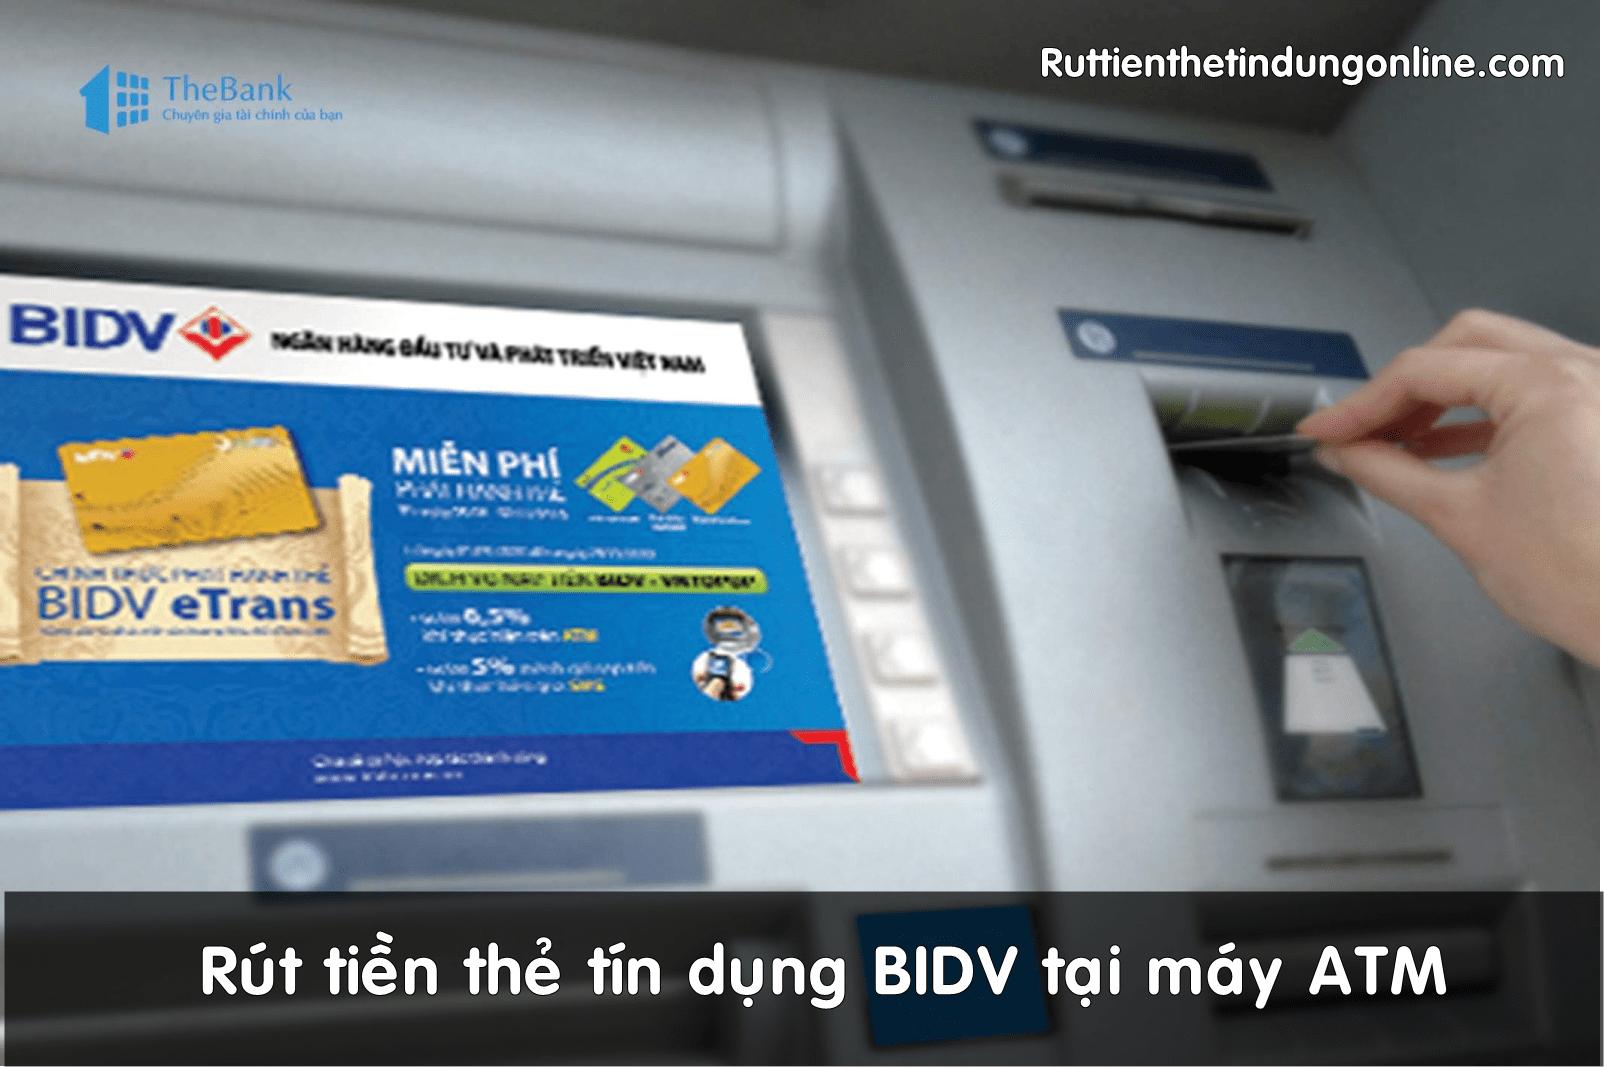 rut tien the tin dung bidv